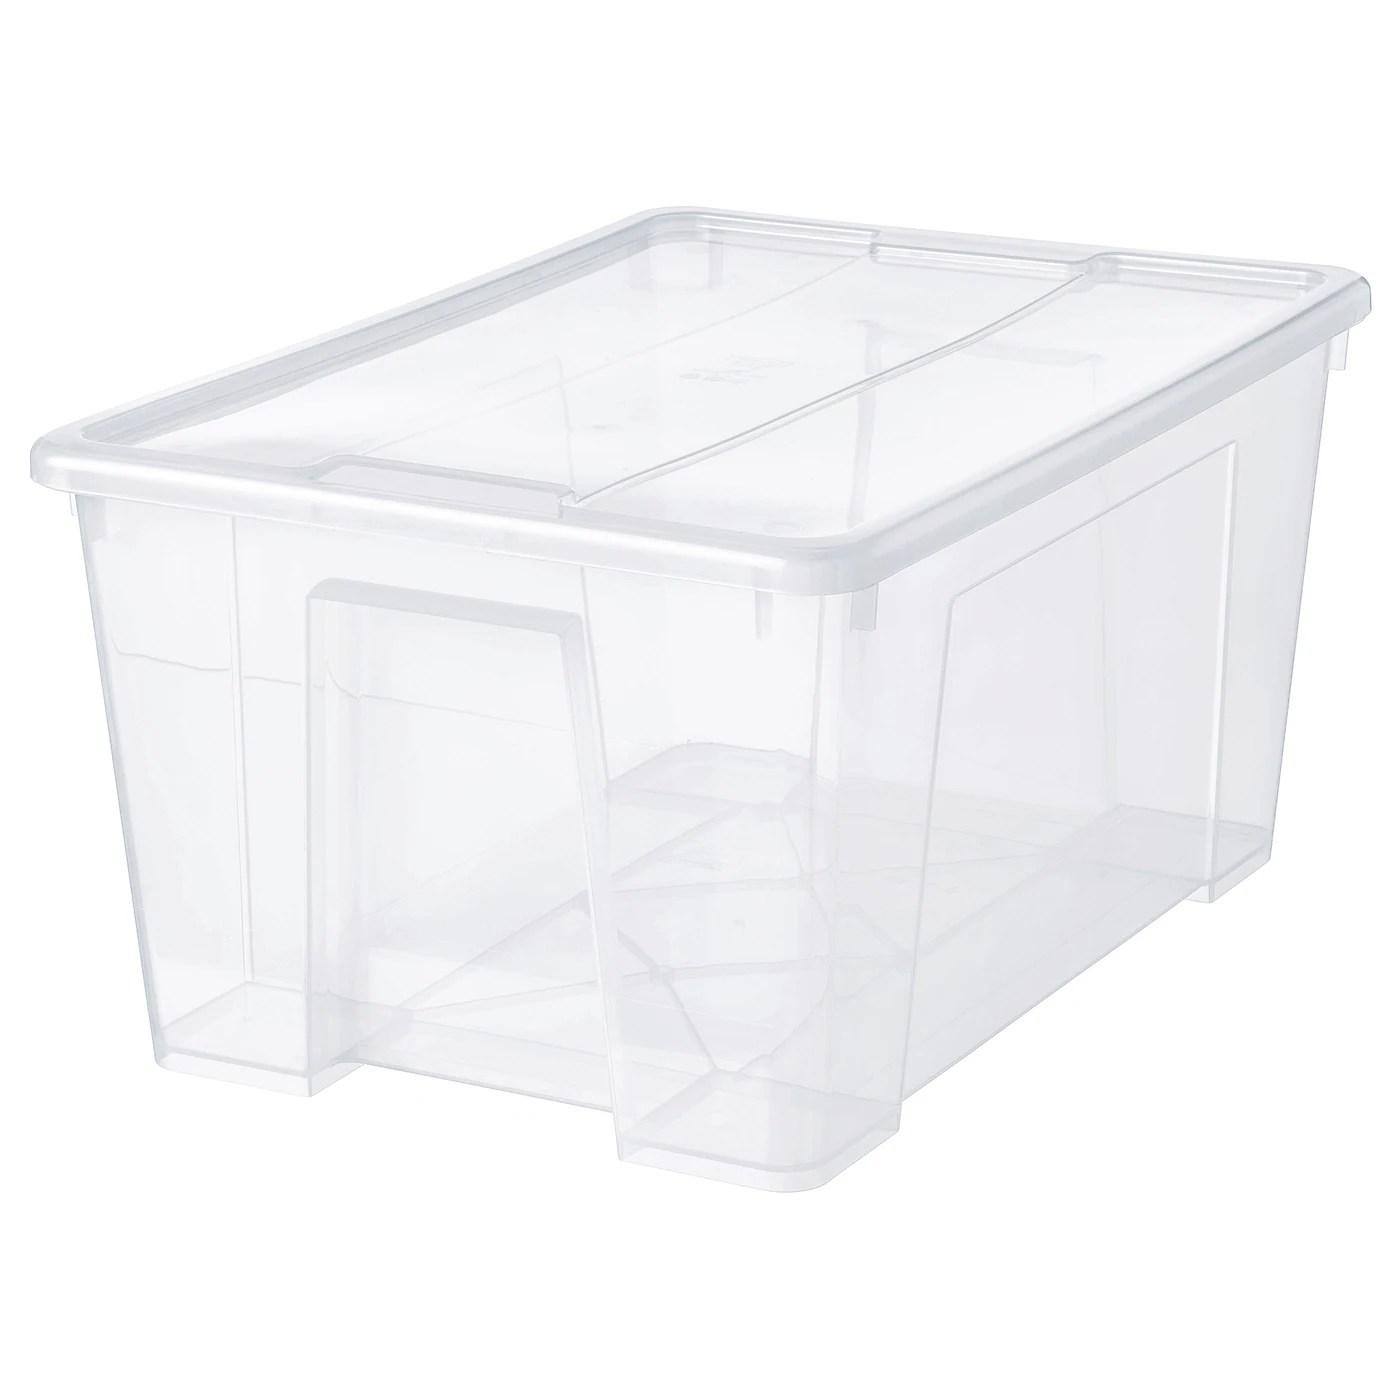 samla boite avec couvercle transparent 57x39x28 cm 45 l